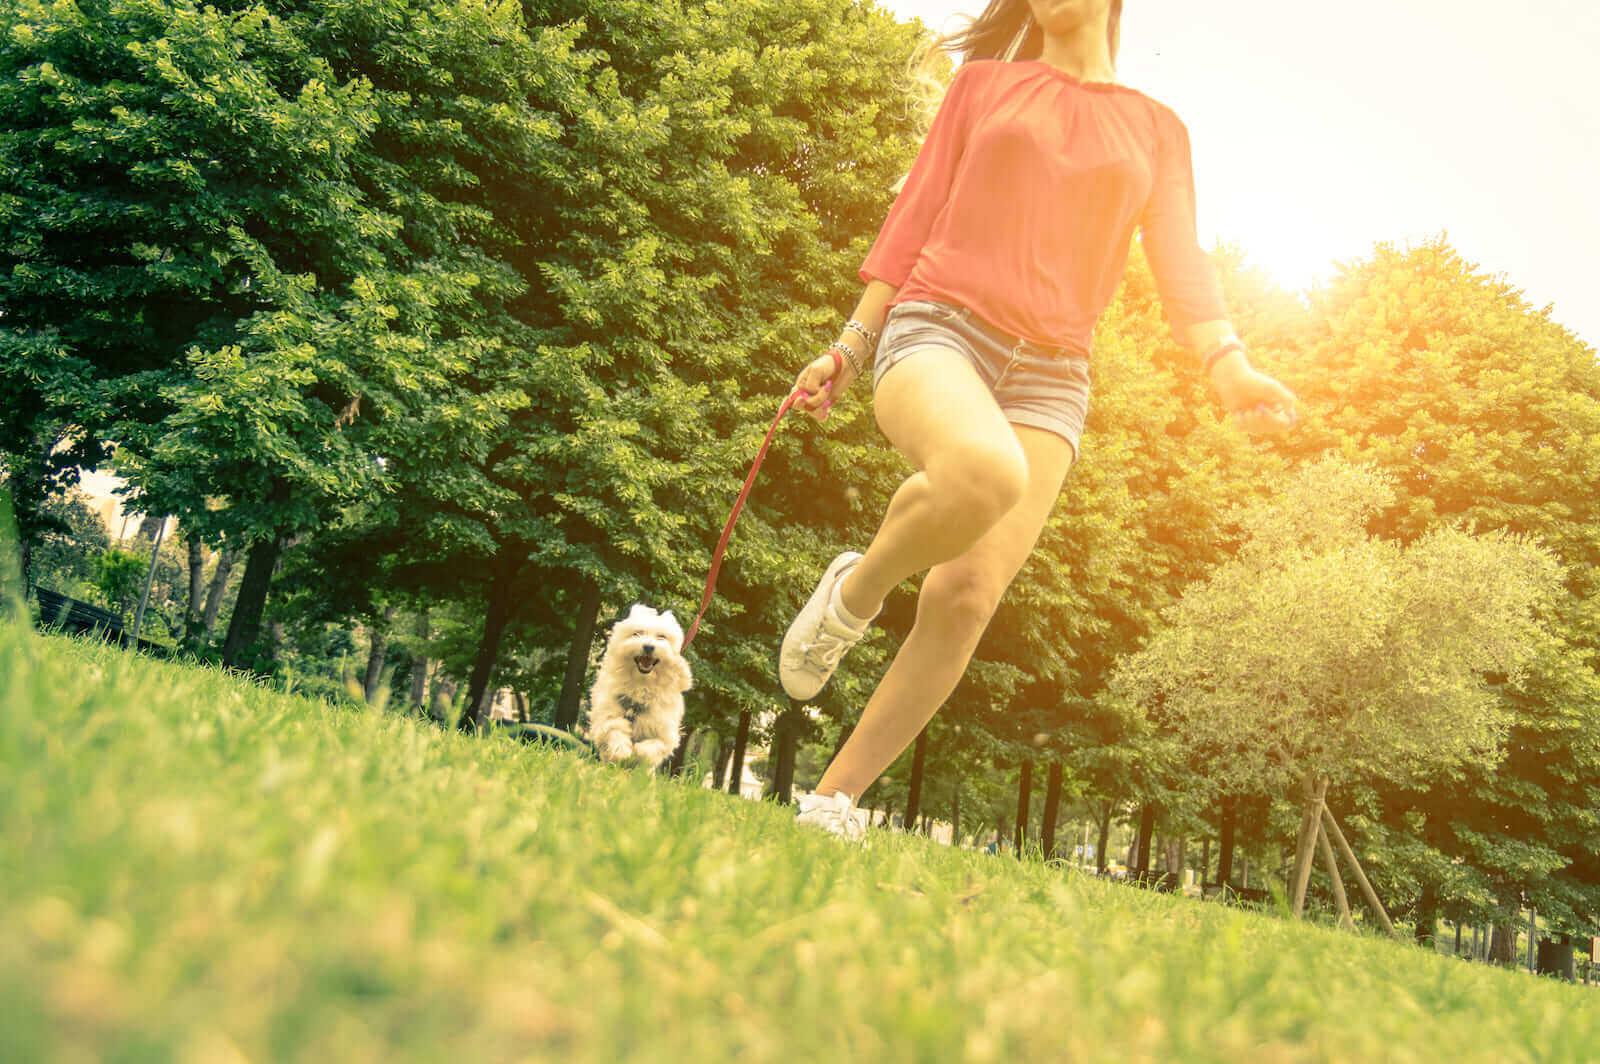 Jovem correndo com cachorro